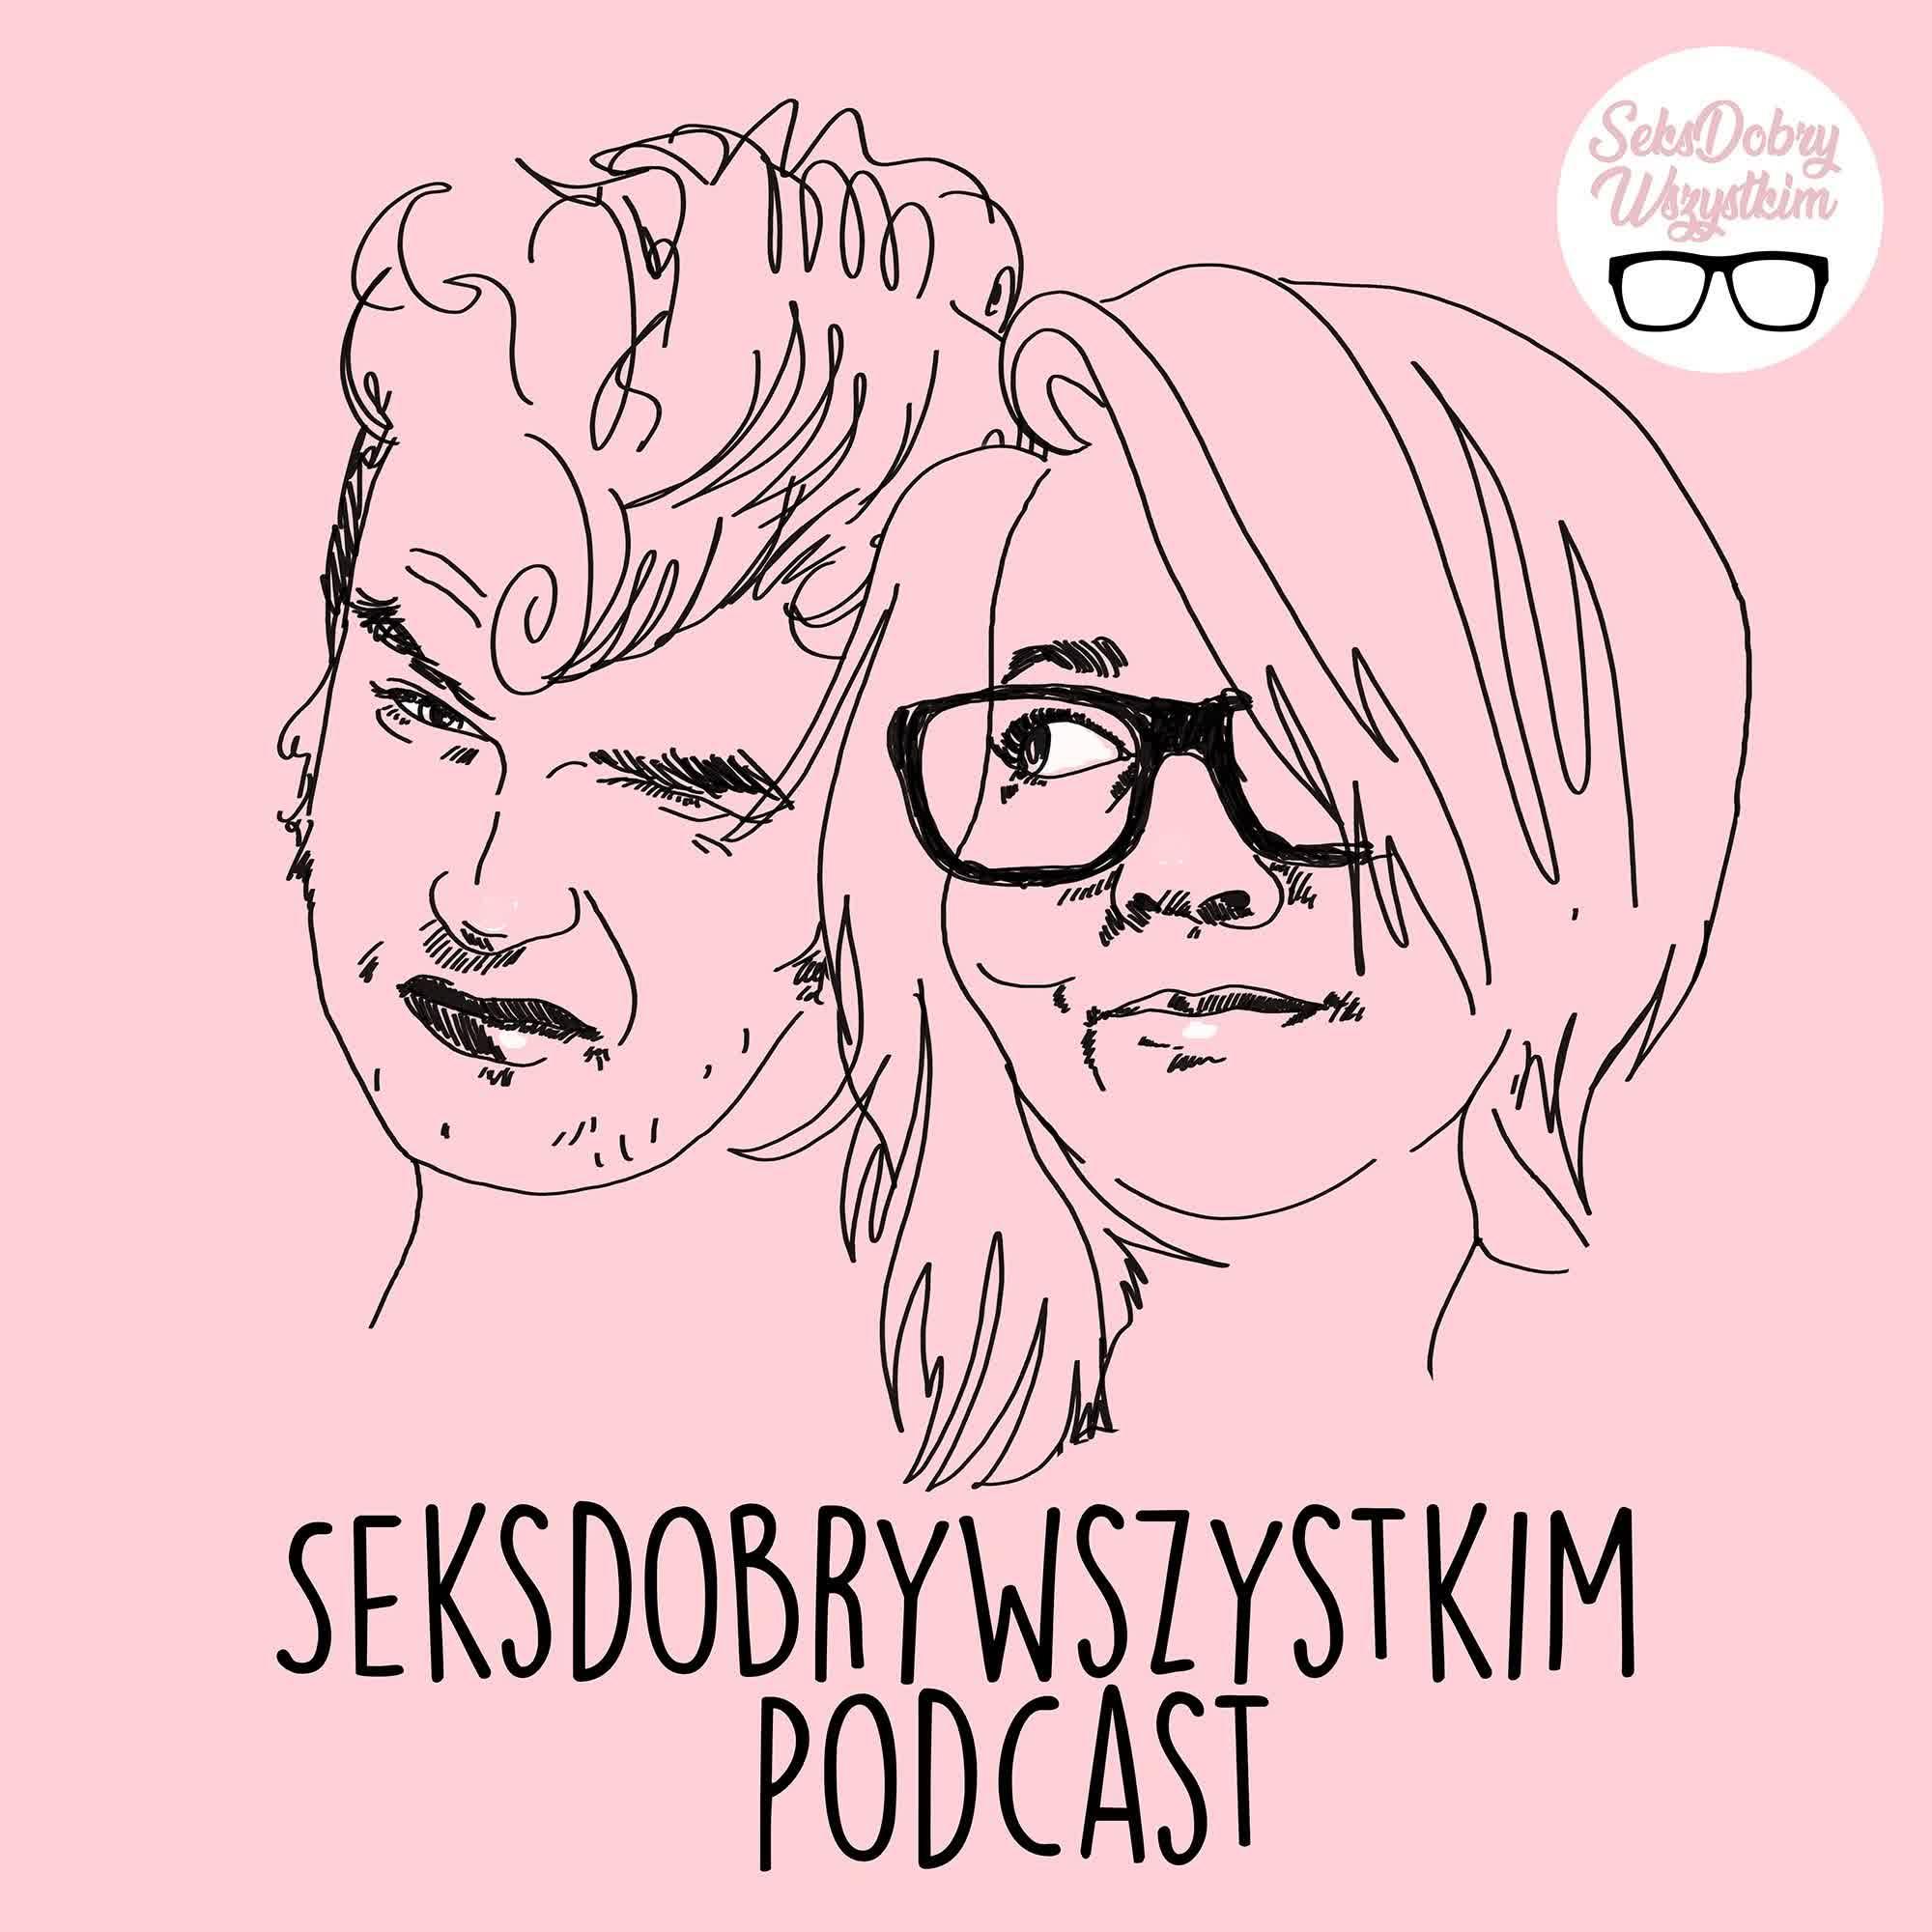 #41 Seksdobrywszystkim Wtórne pożądanie seksualne - S02 E11